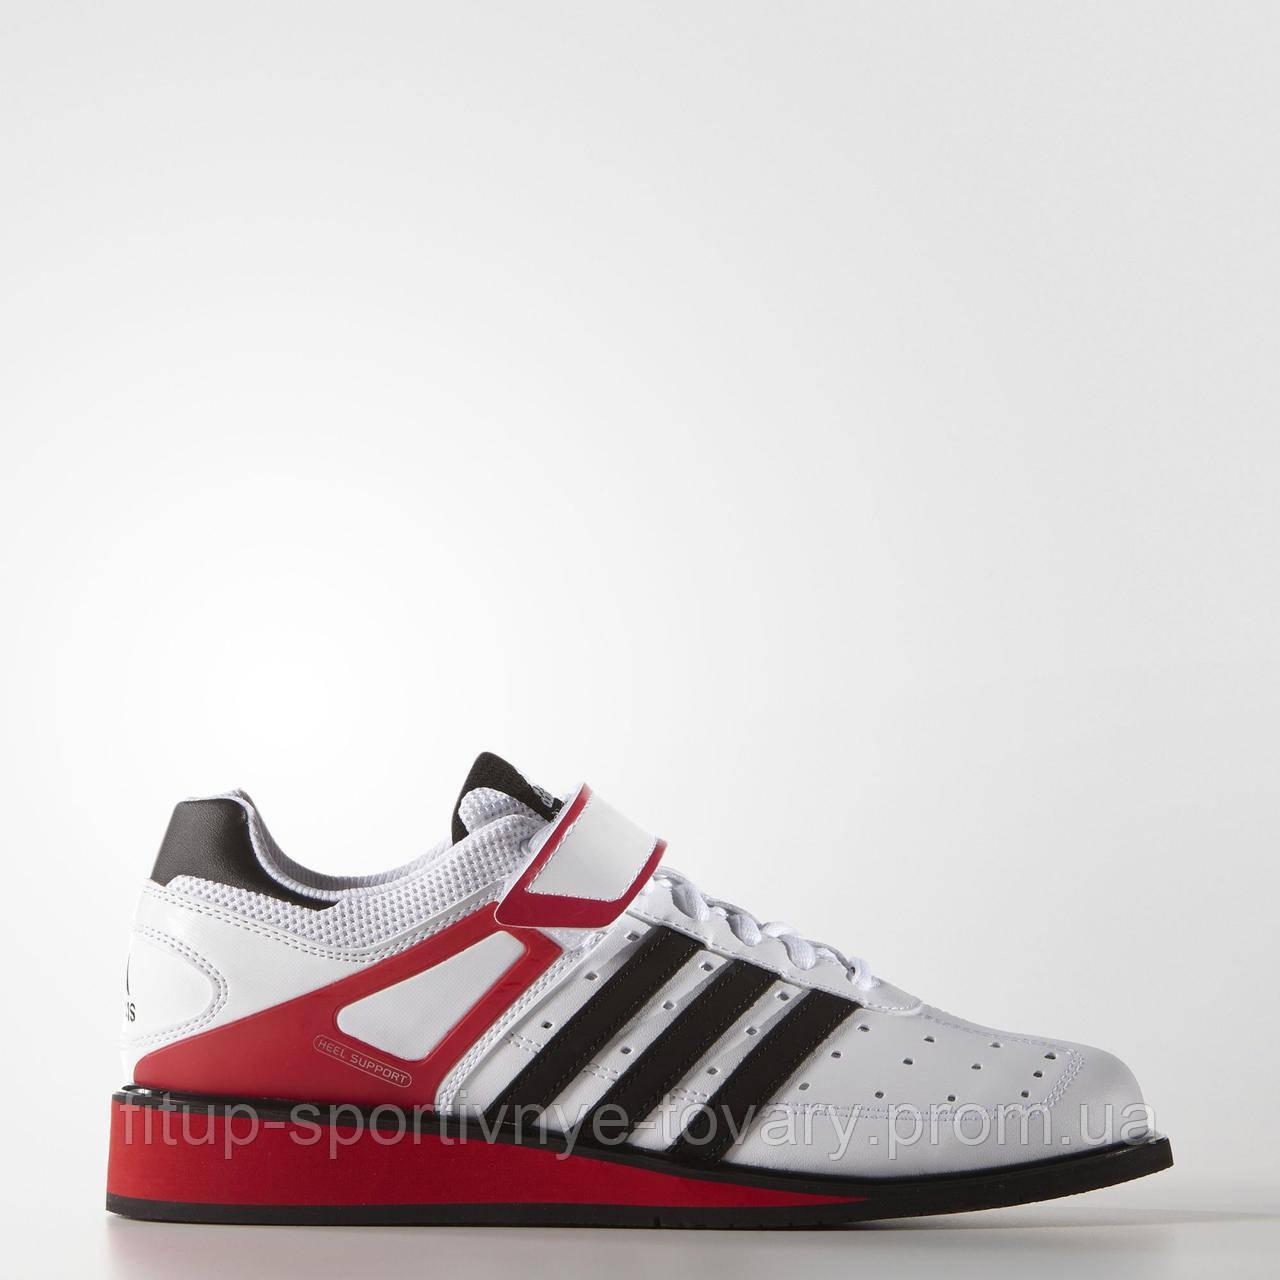 Штангетки Adidas POWER PERFECT II G17563 11 - FITUP. Спортивные товары в Киеве